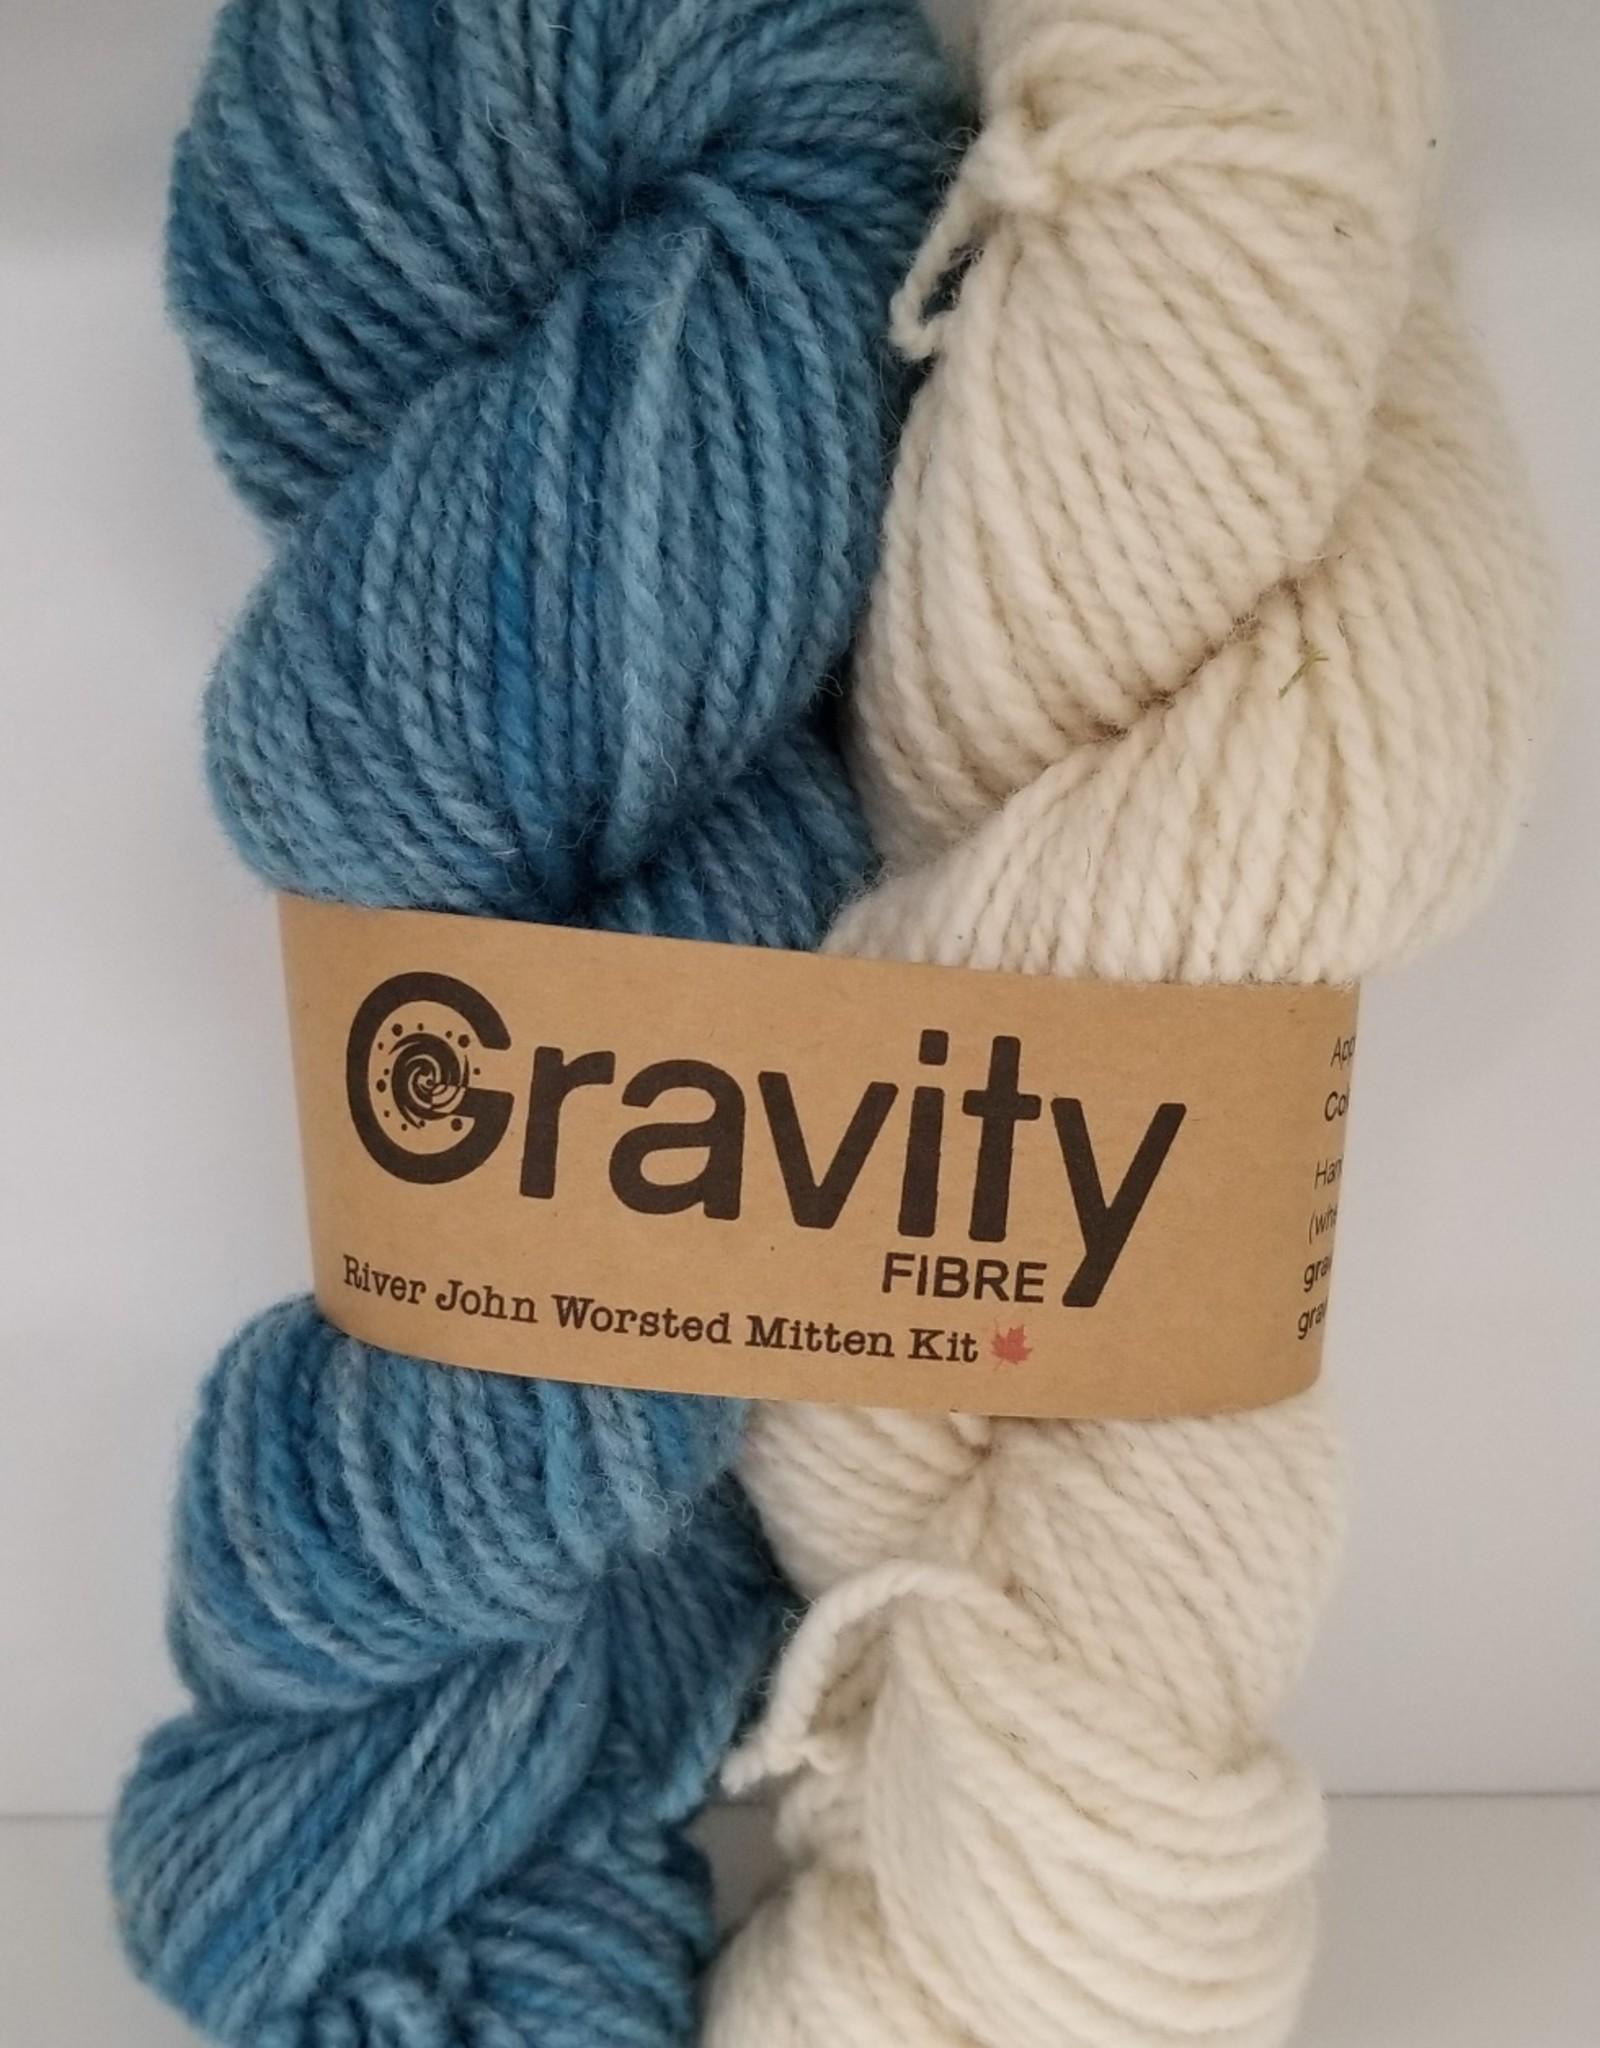 Gravity Fibre Gravity Fibre - Colourwork Kit